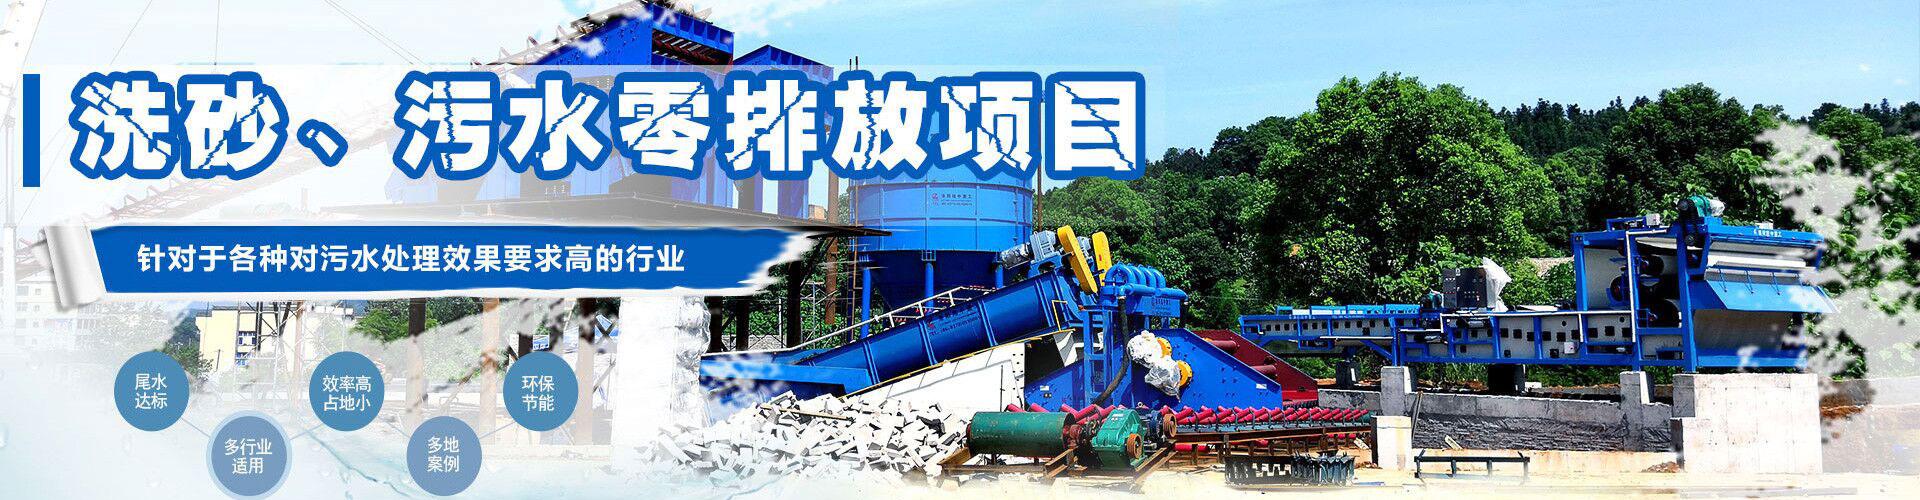 洗沙污水零排放